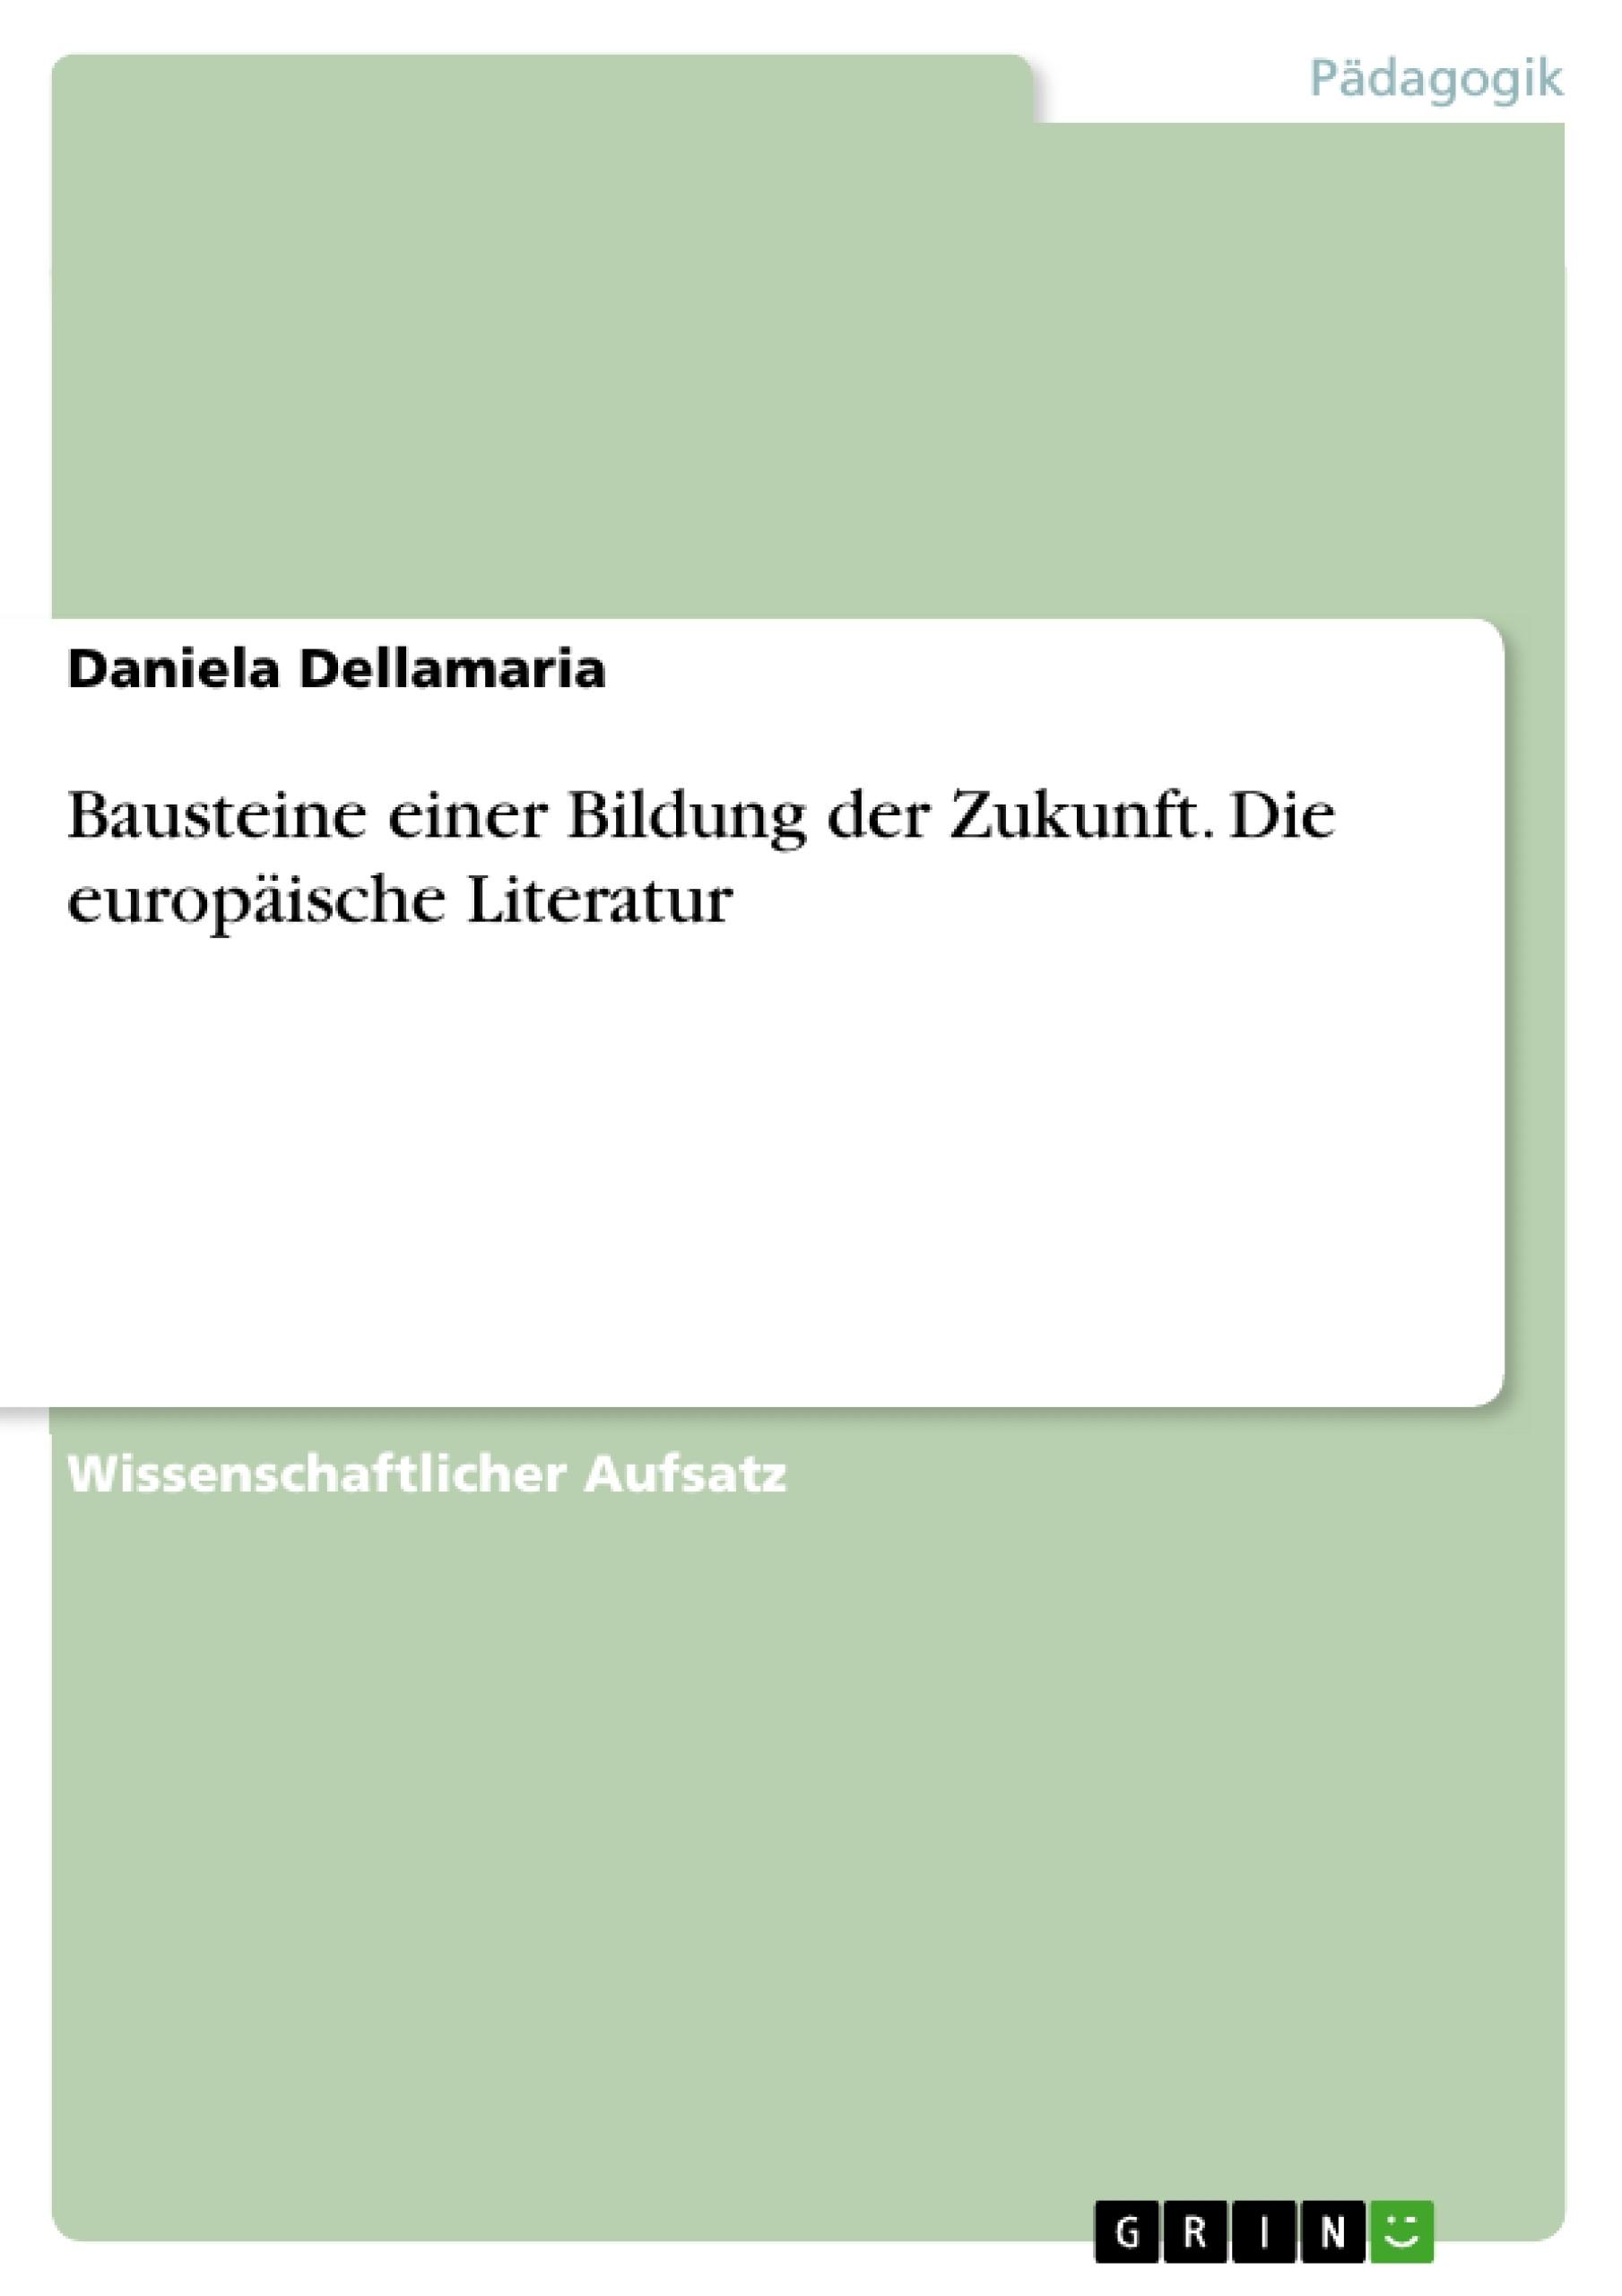 Schwanitz Bildung Pdf